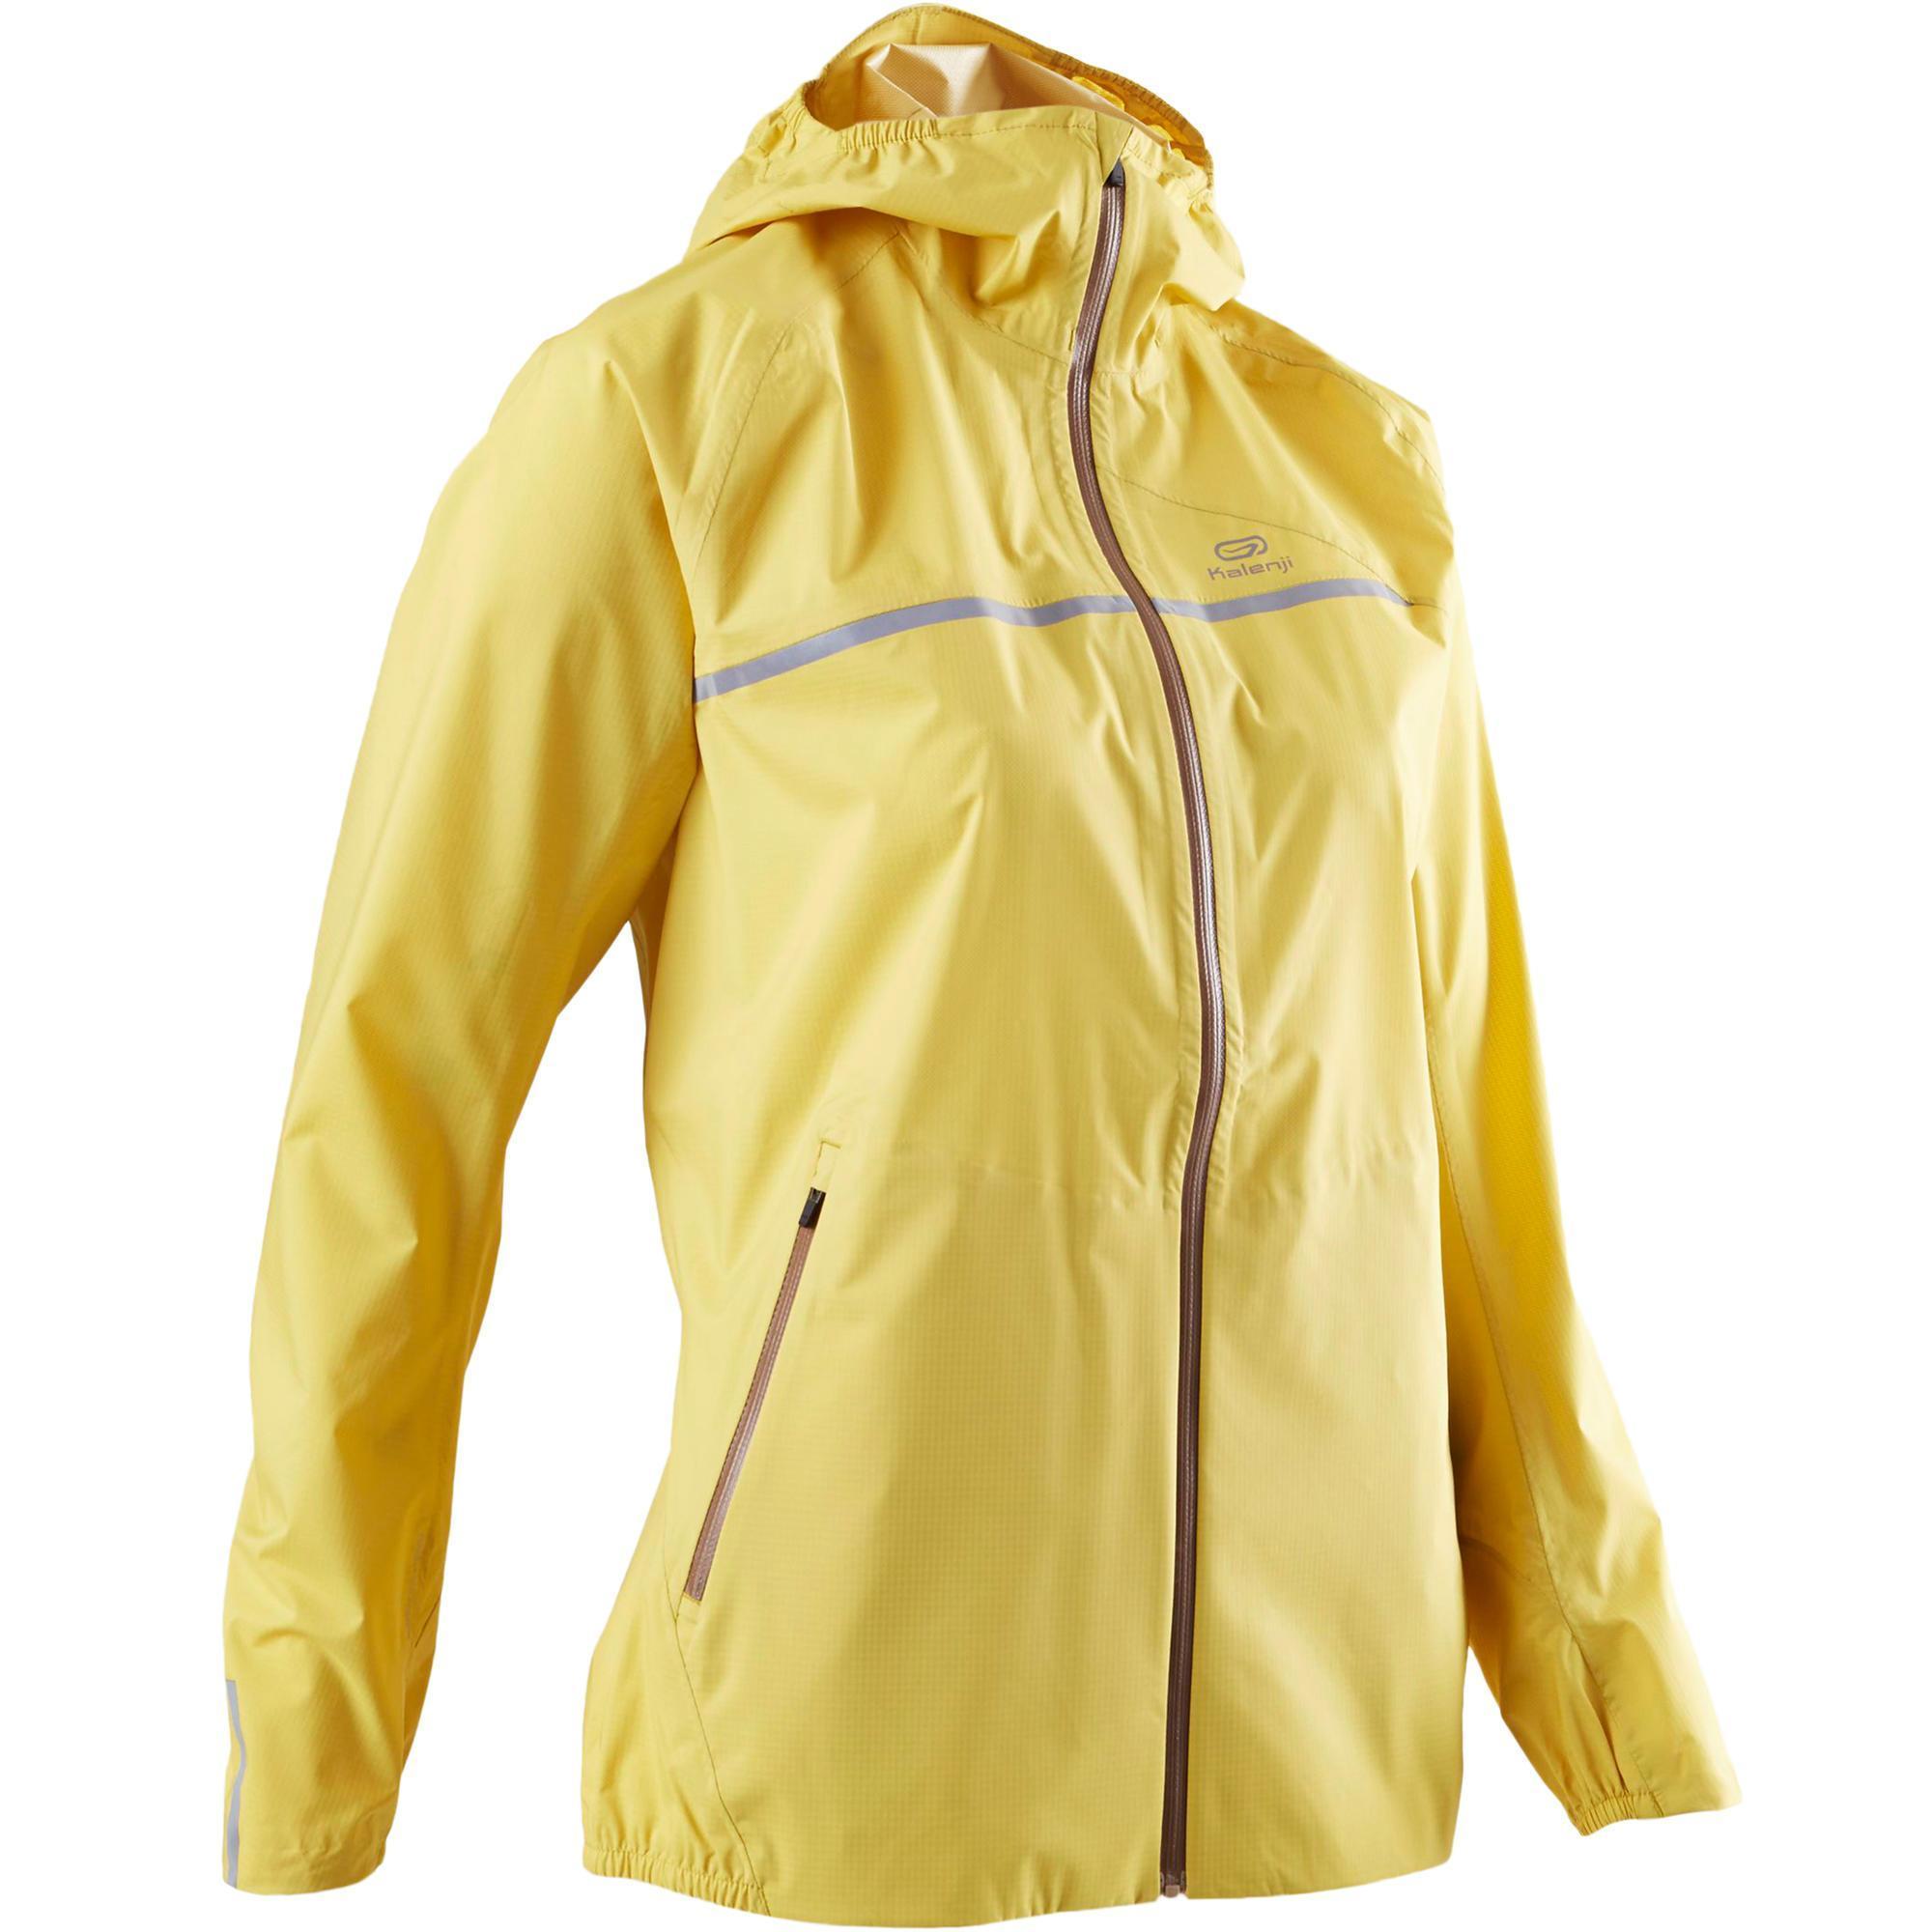 chaussures de séparation 87fb1 d9c27 Veste imperméable trail running jaune ocre femme